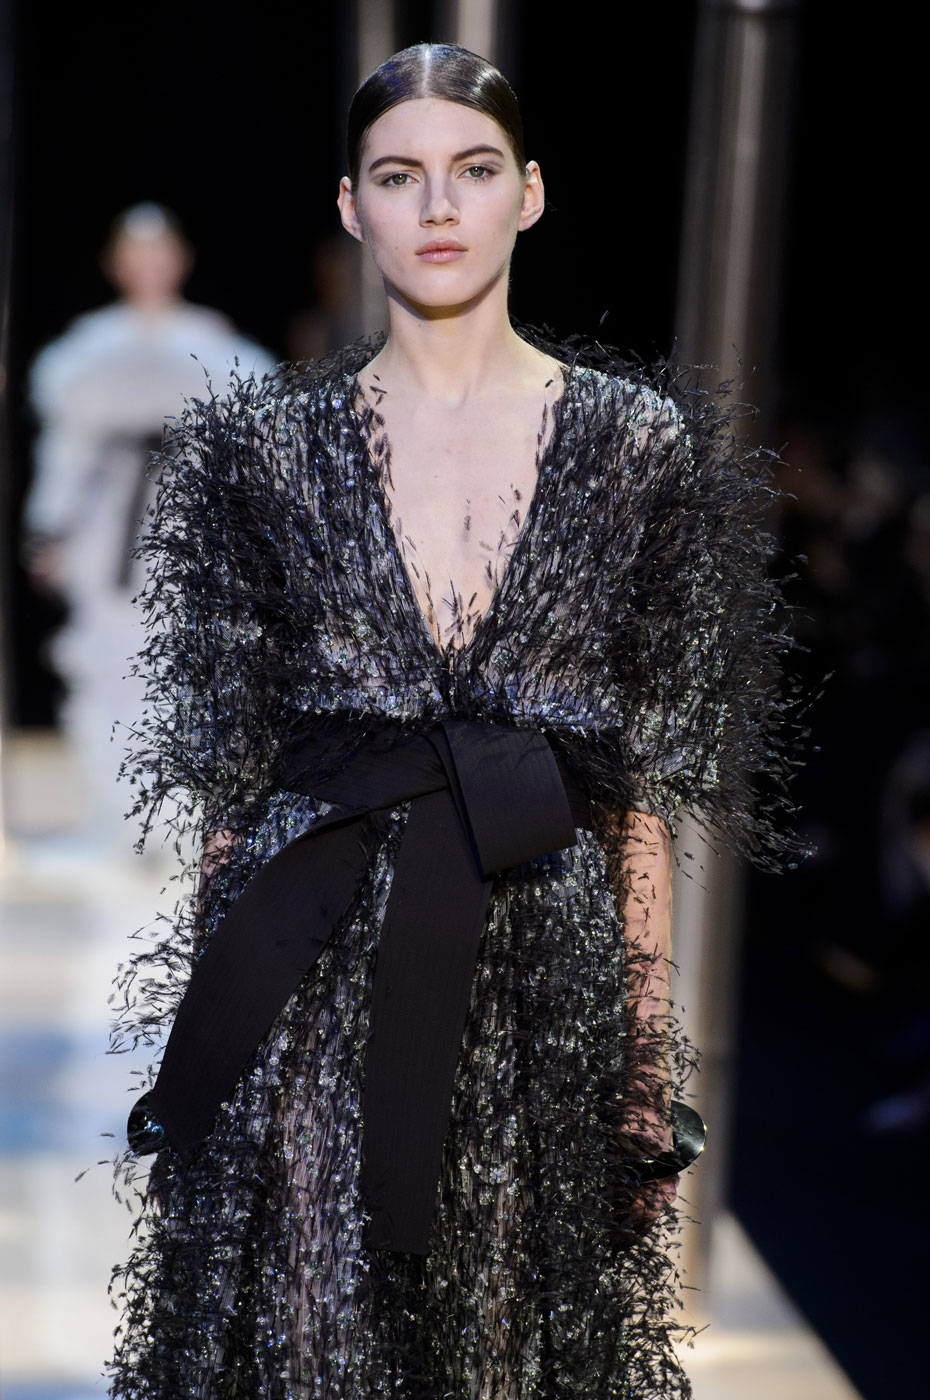 Giorgio-armani-Prive-fashion-runway-show-haute-couture-paris-spring-2015-the-impression-110